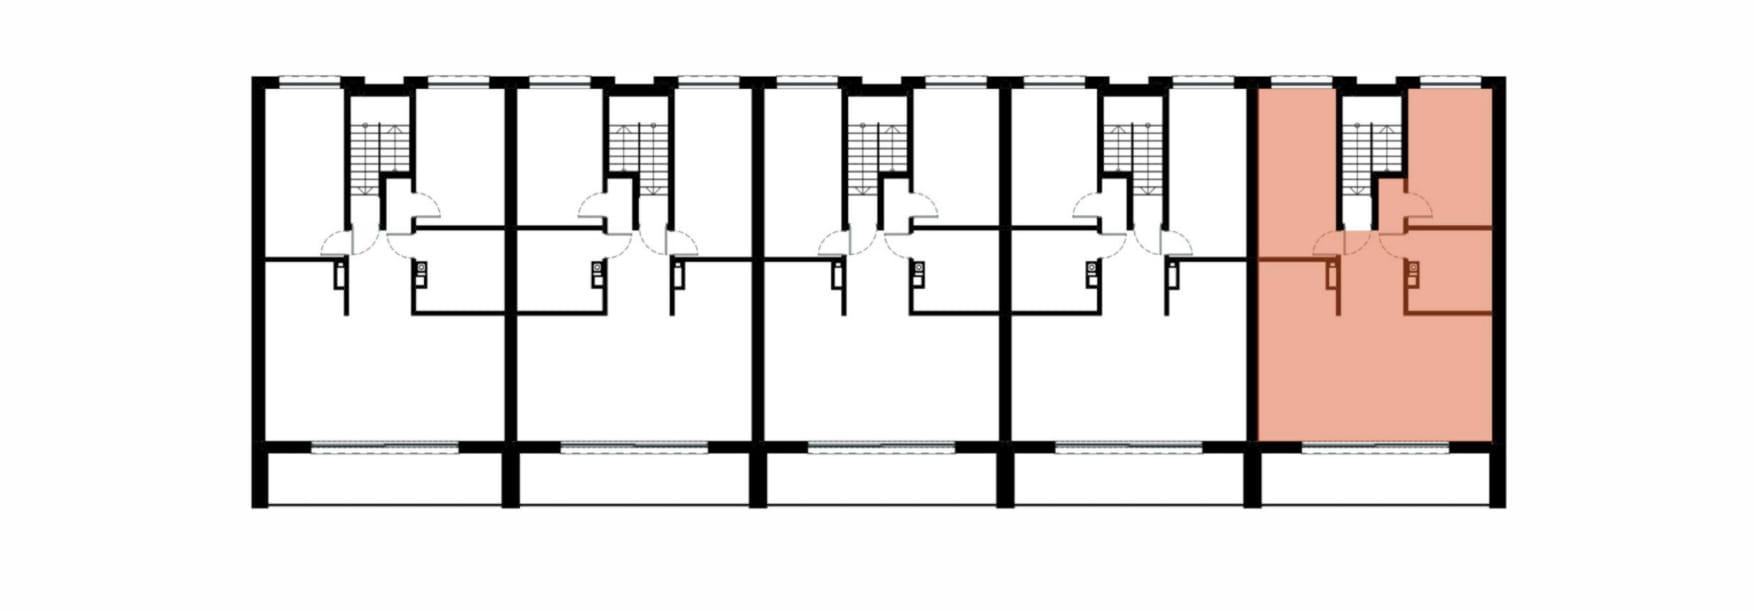 Apartamenty Kamienna / apartamenty inwestycyjne 5B rzut 2